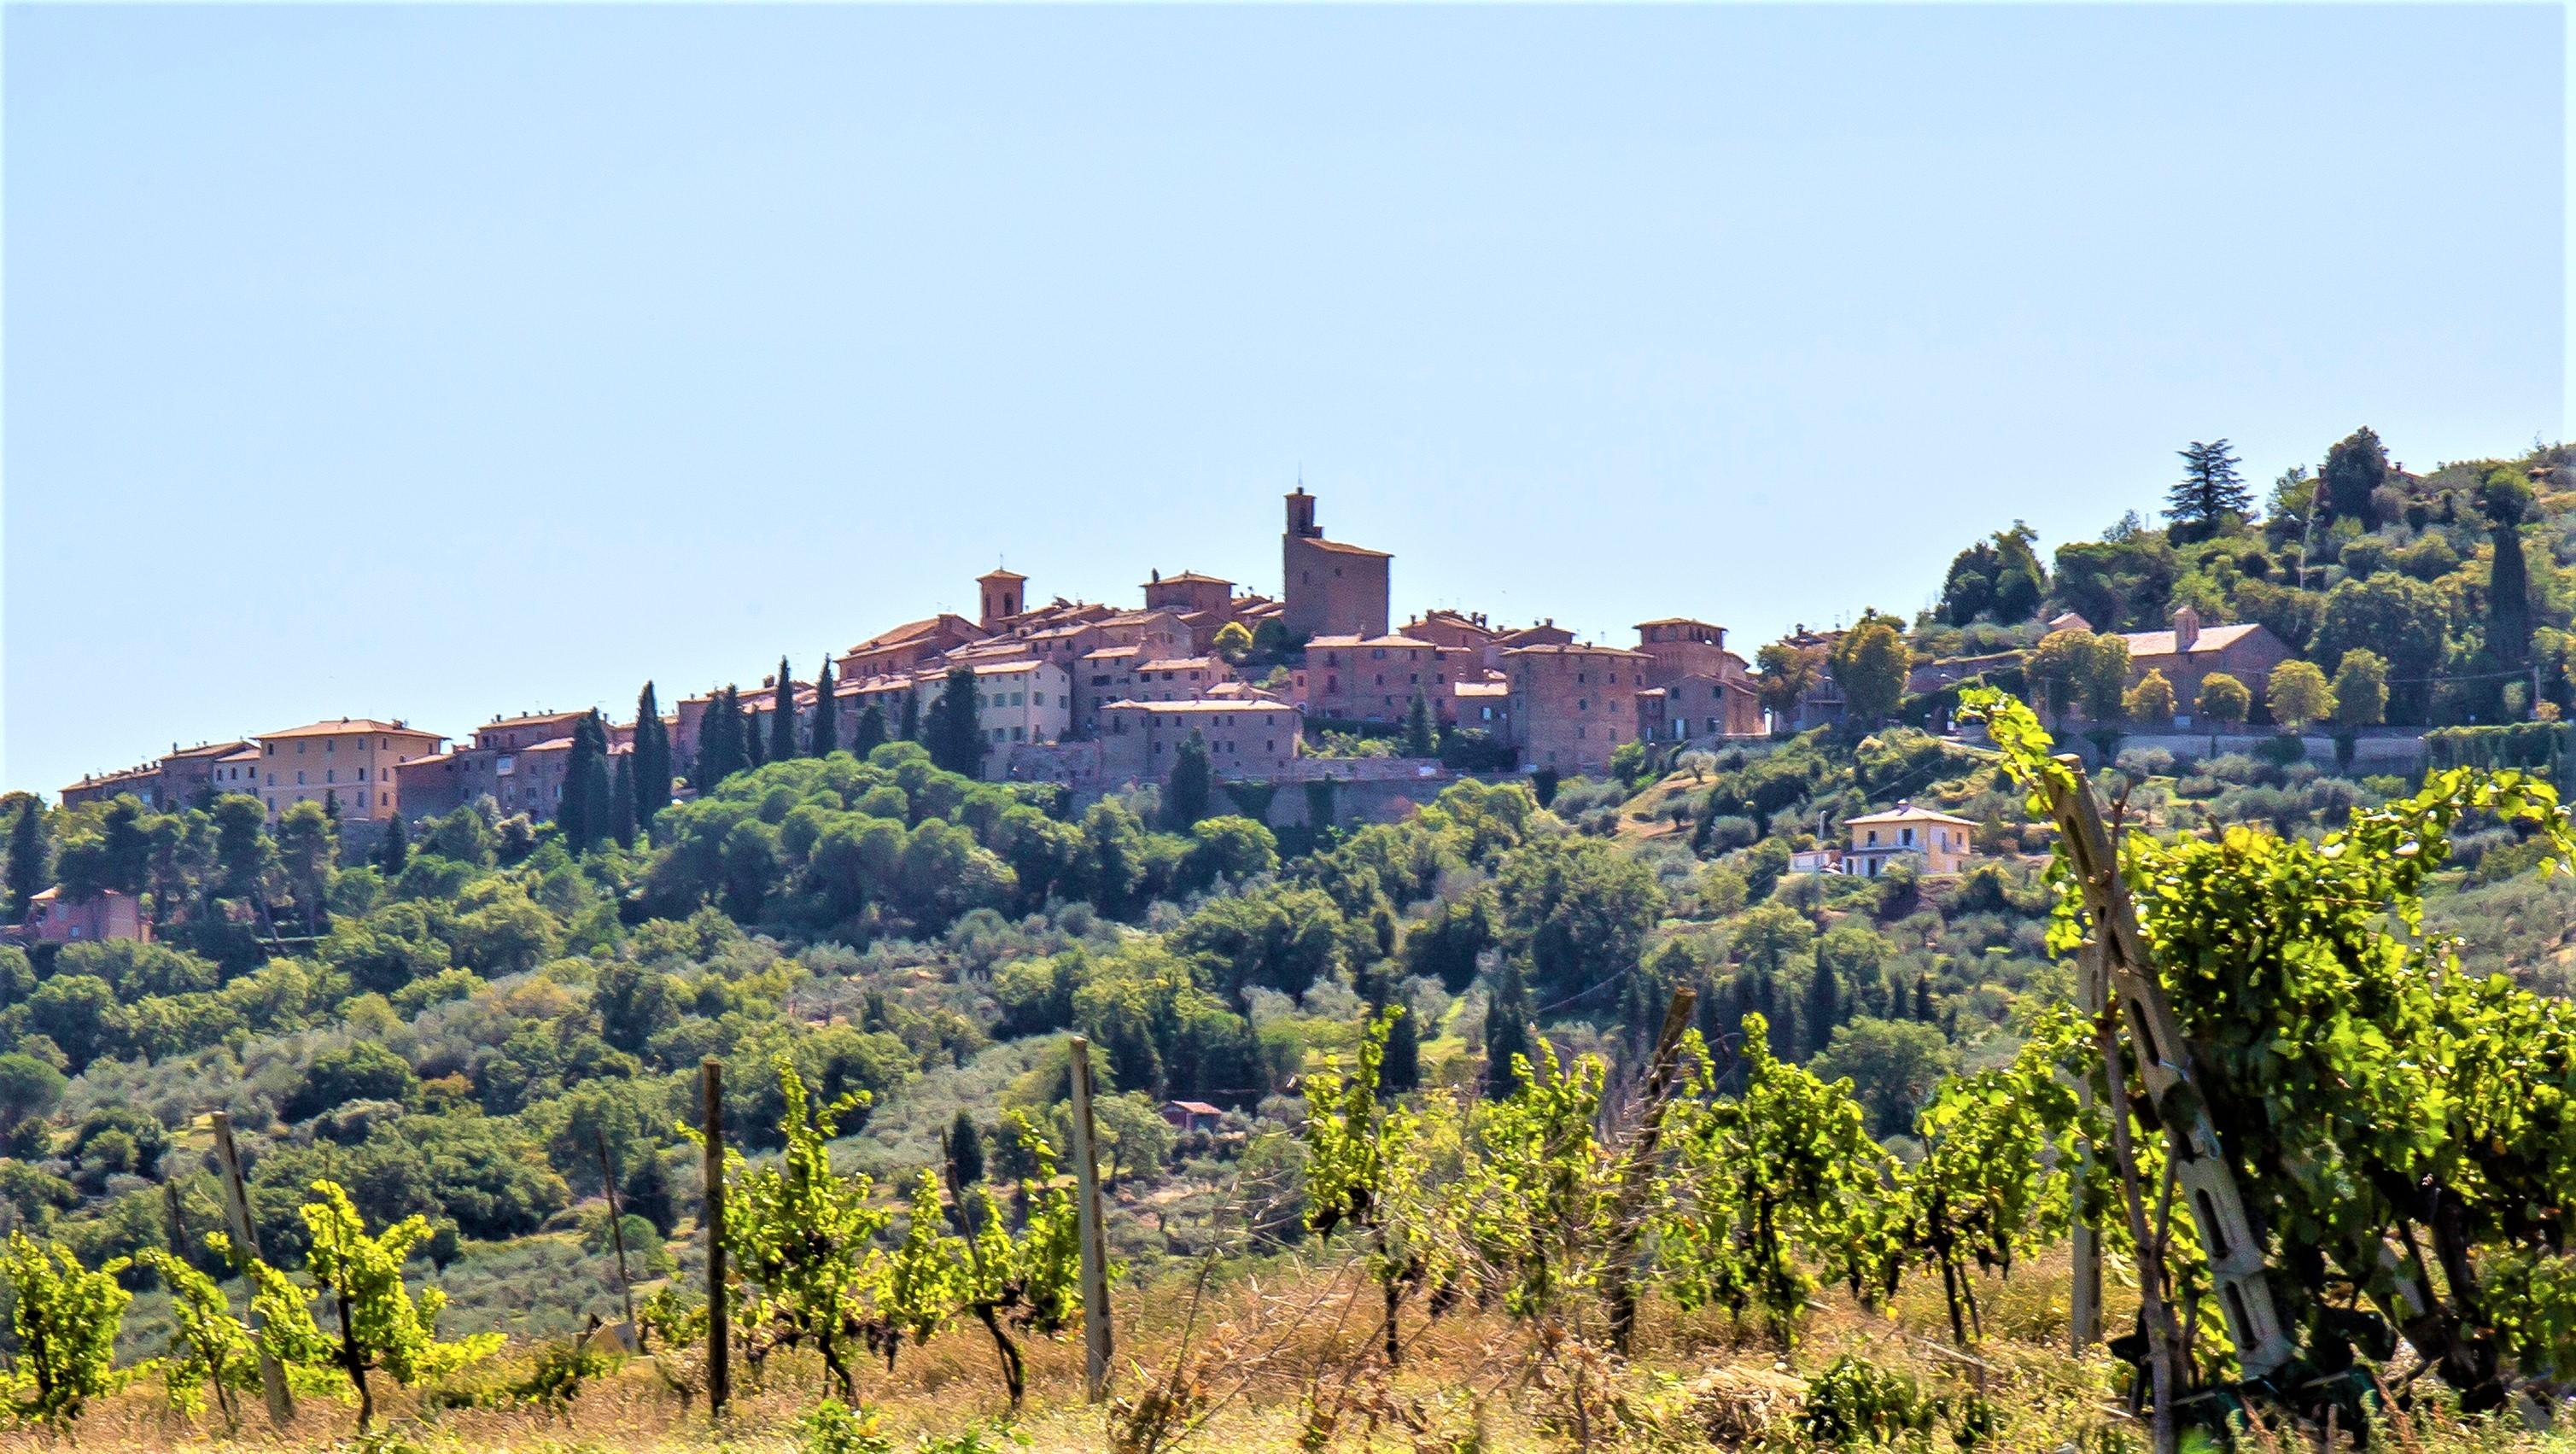 Panicale: storia, arte e cultura di un antico castello affacciato sul Trasimeno